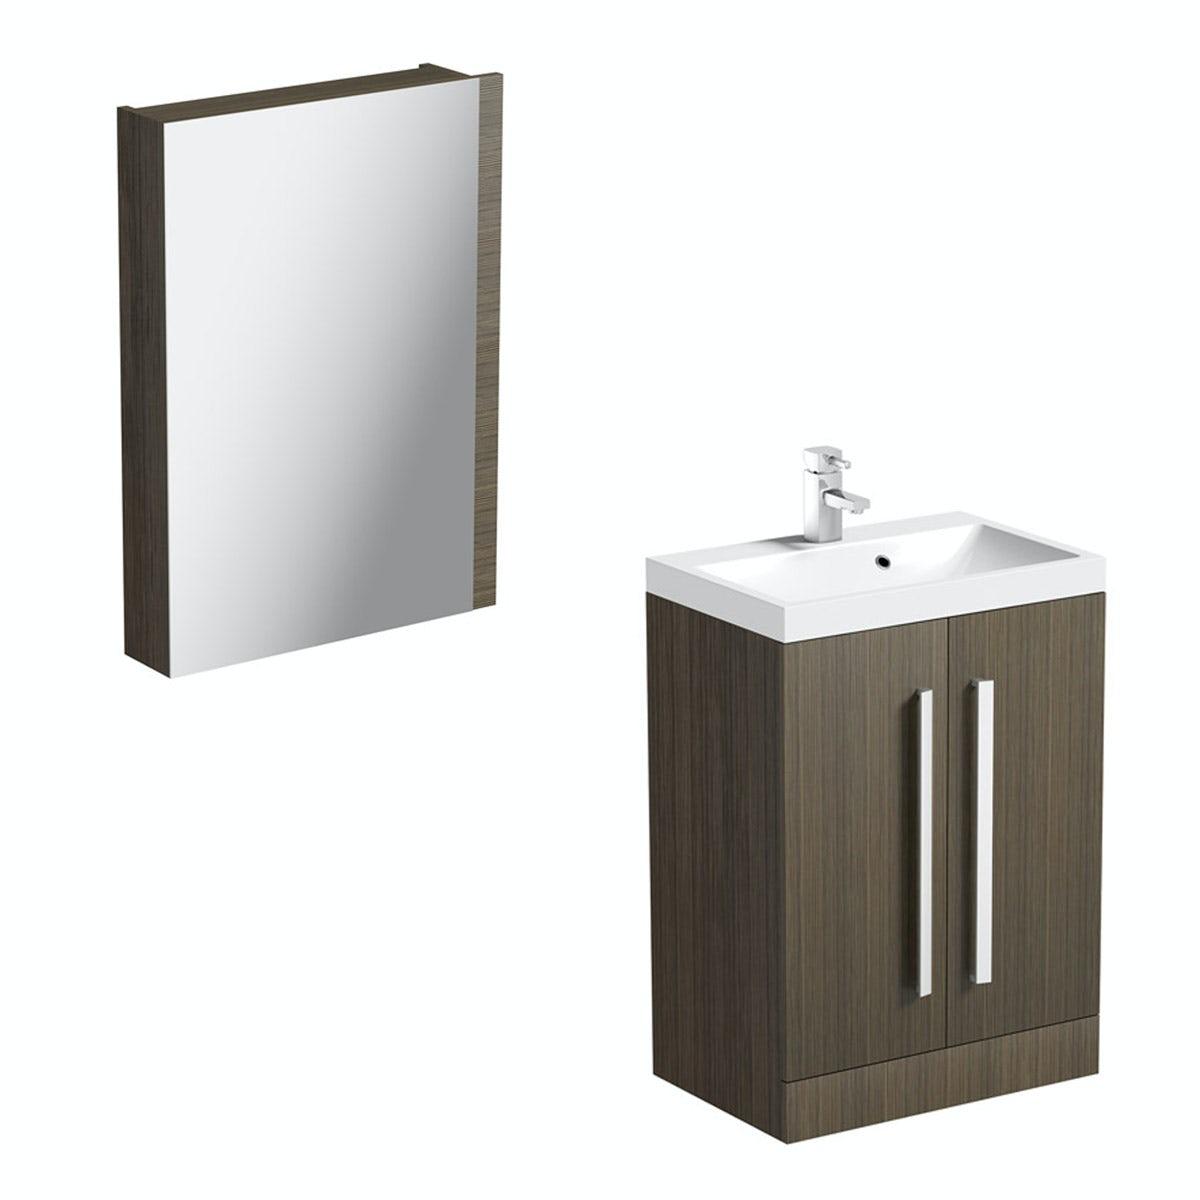 Arden Walnut Vanity Unit With Basin & Mirror - 600mm - Floor Standing